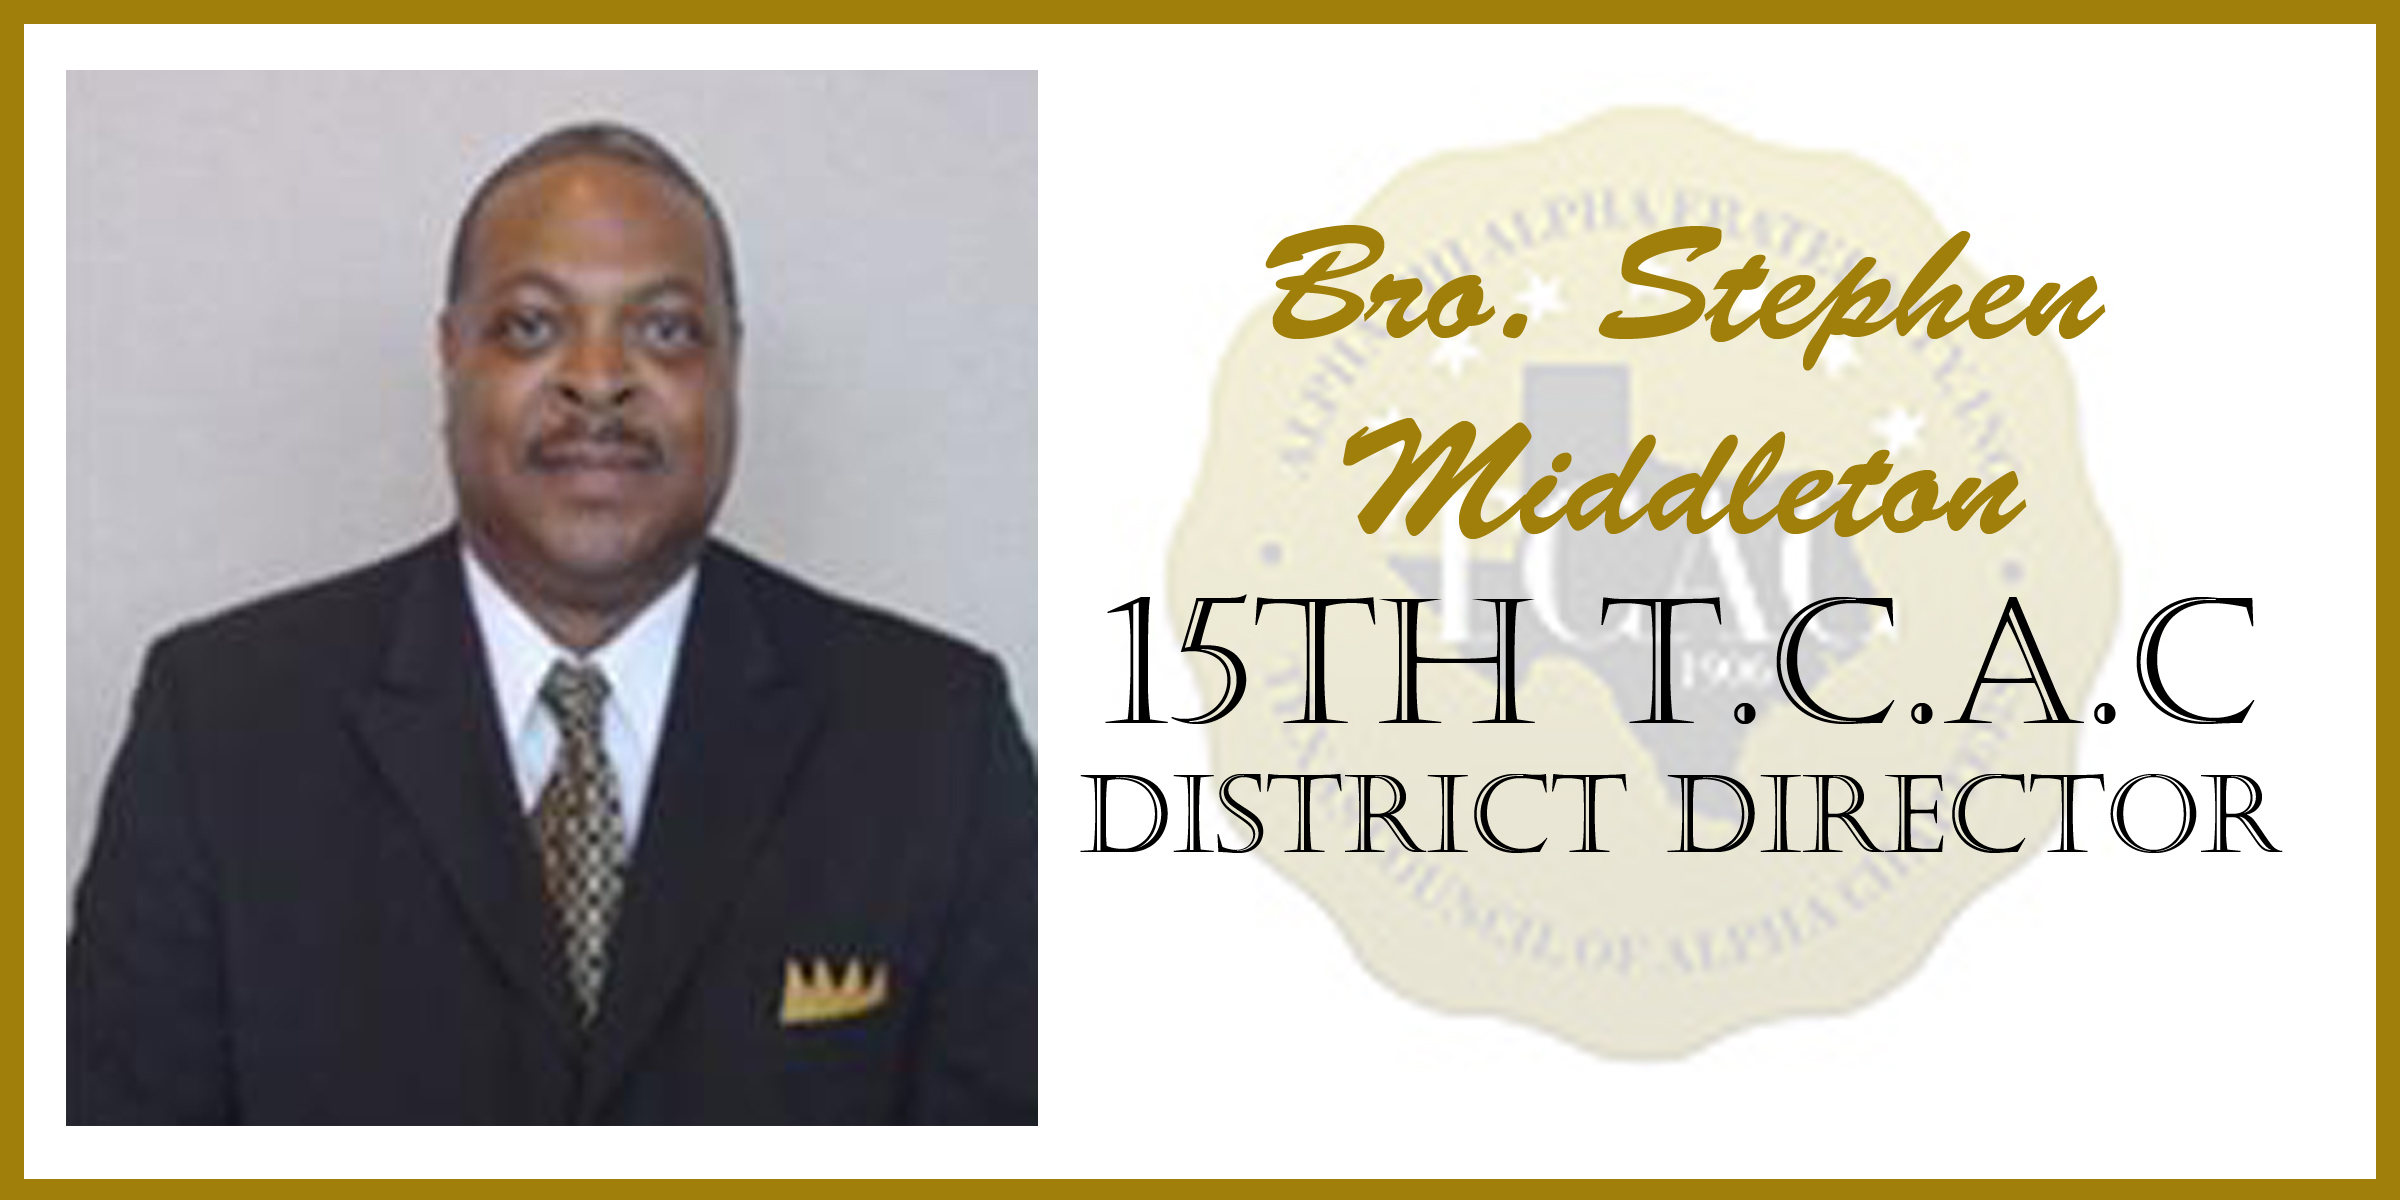 15 Stephen Middletown